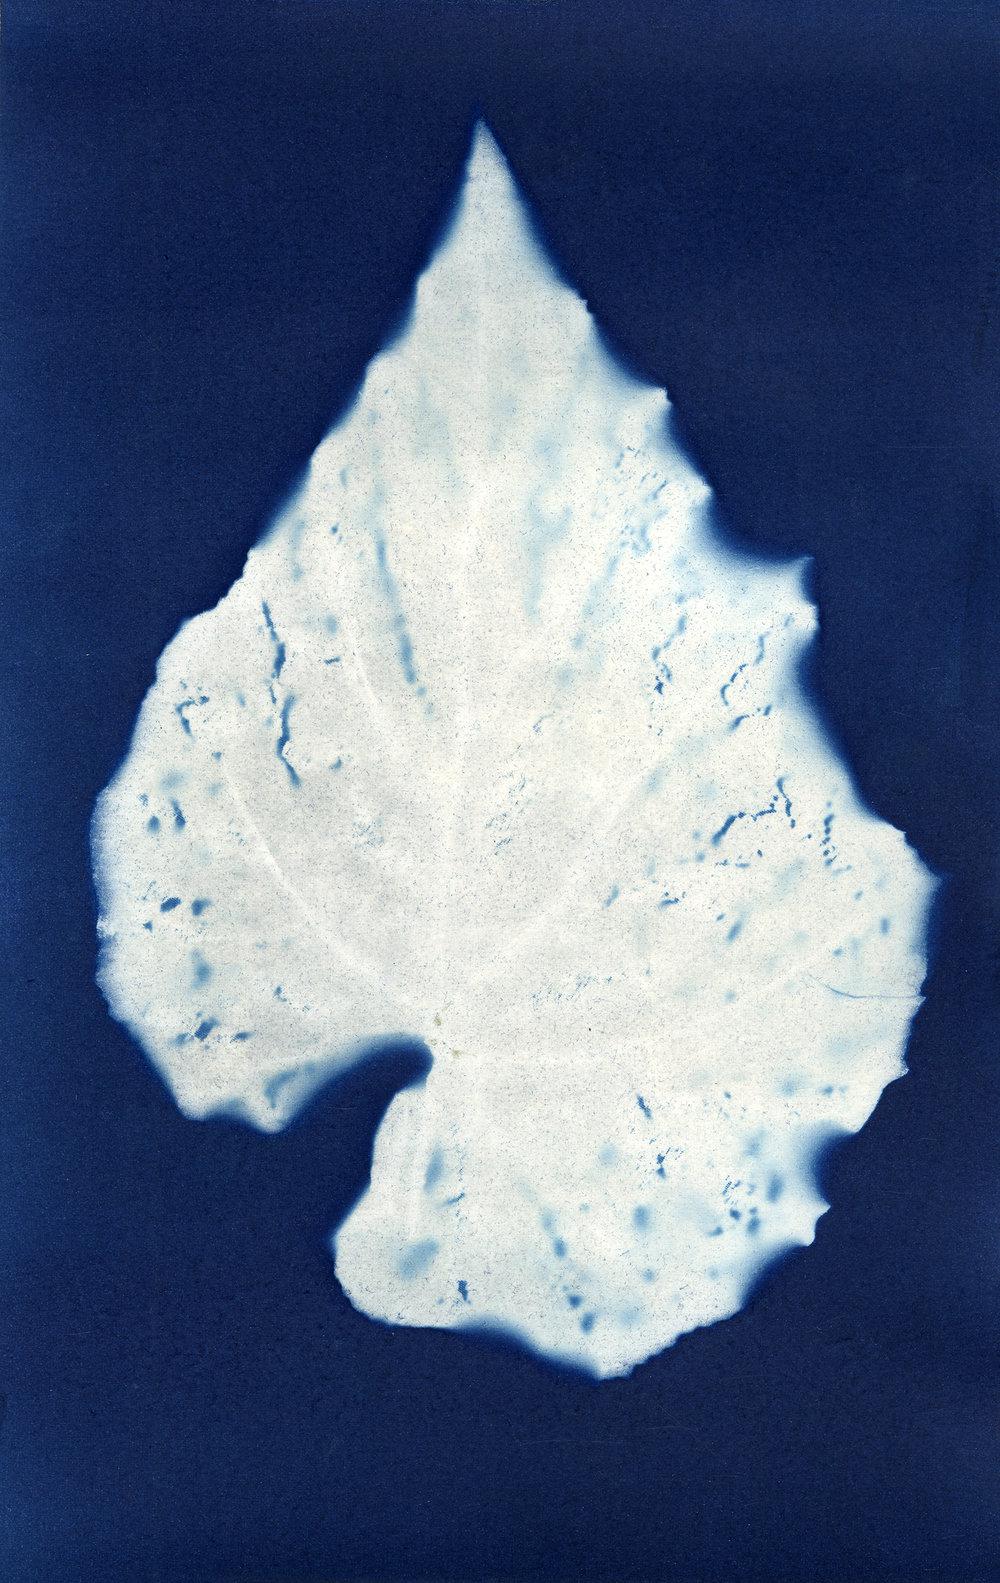 Plasticus syngonium podophyllum